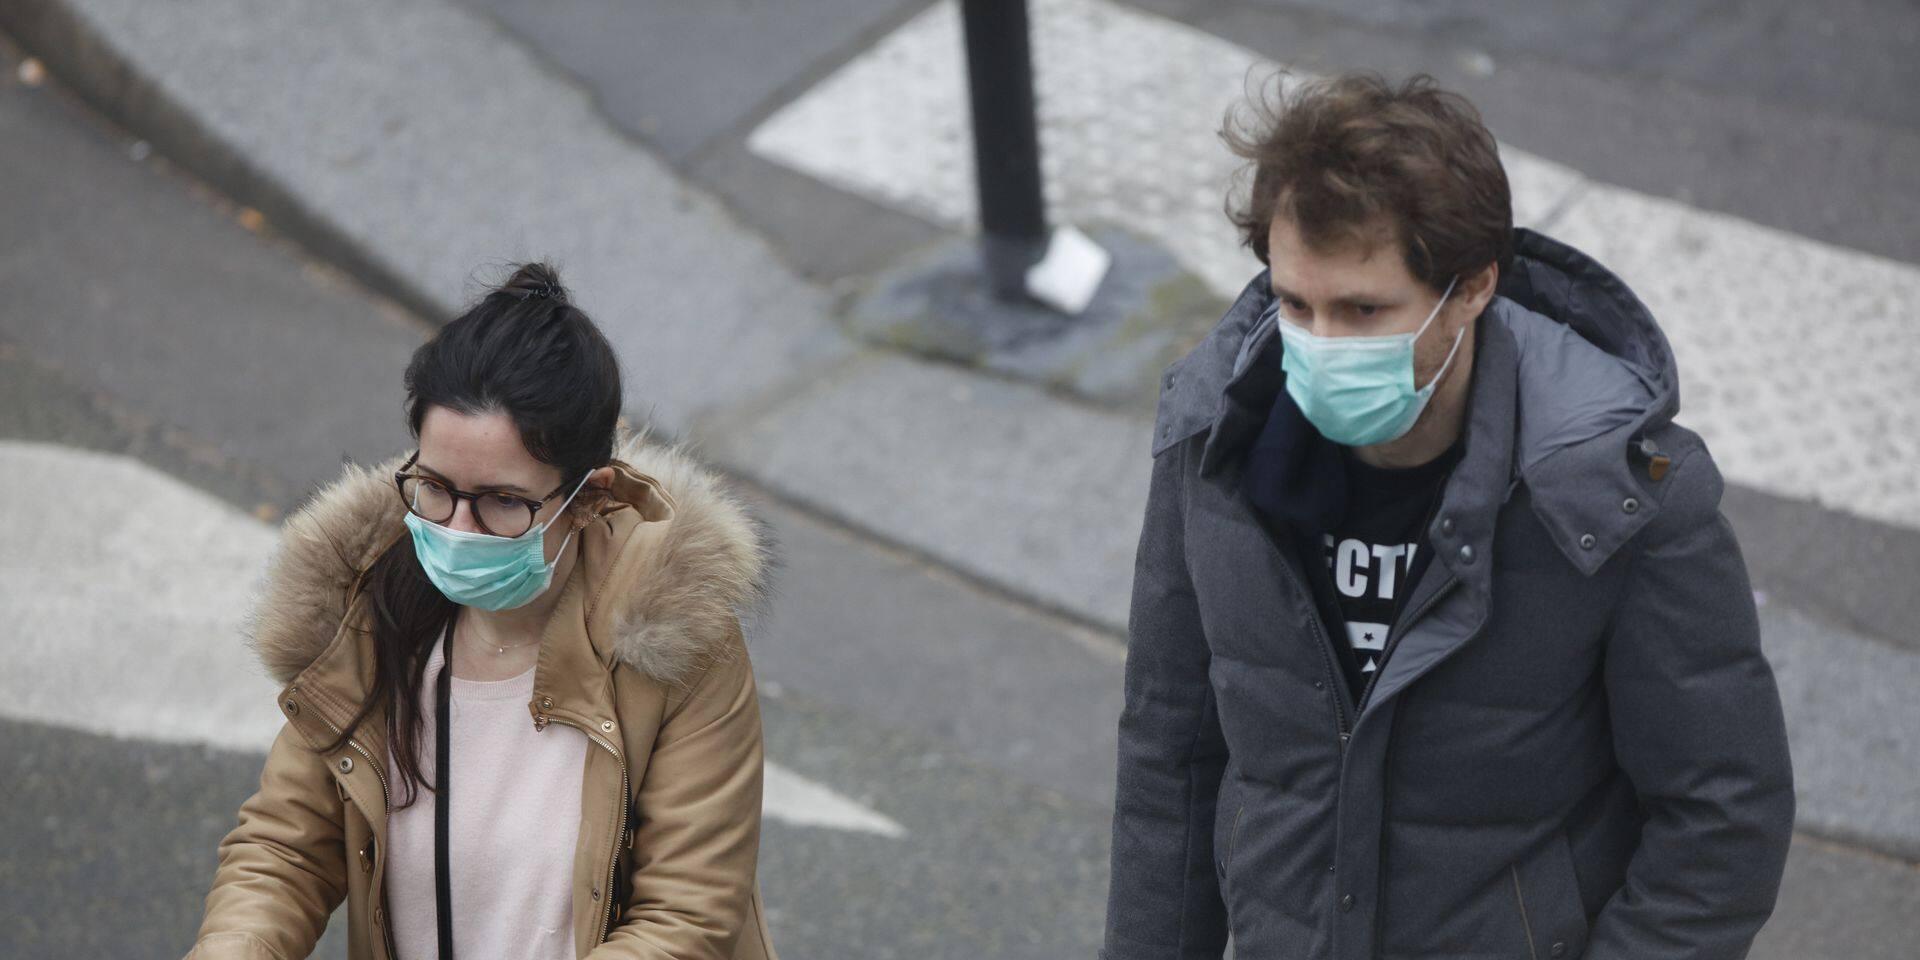 Coronavirus: est-il vraiment utile de porter un masque en n'étant pas contaminé ?